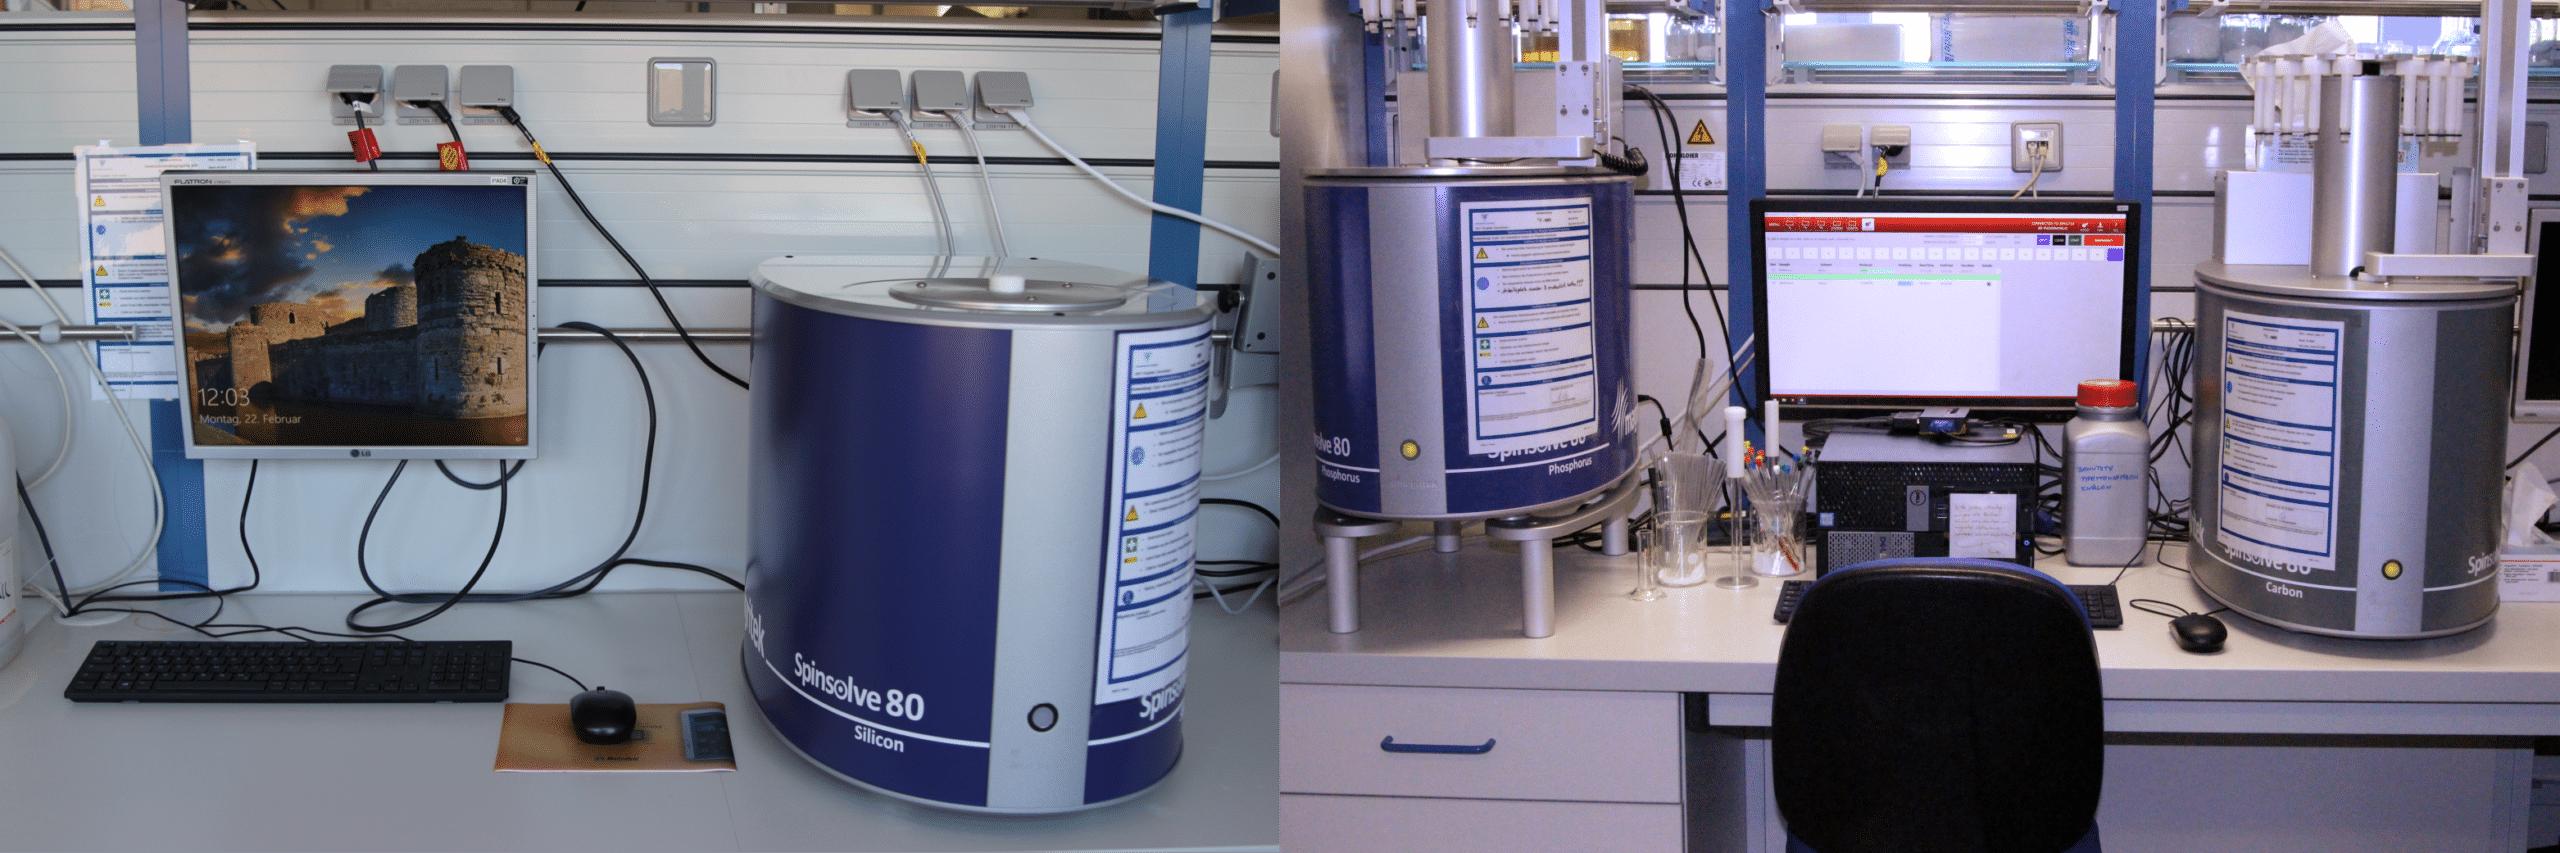 Spinsolve benchtop NMR at Zschimmer & Schwarz - Magritek